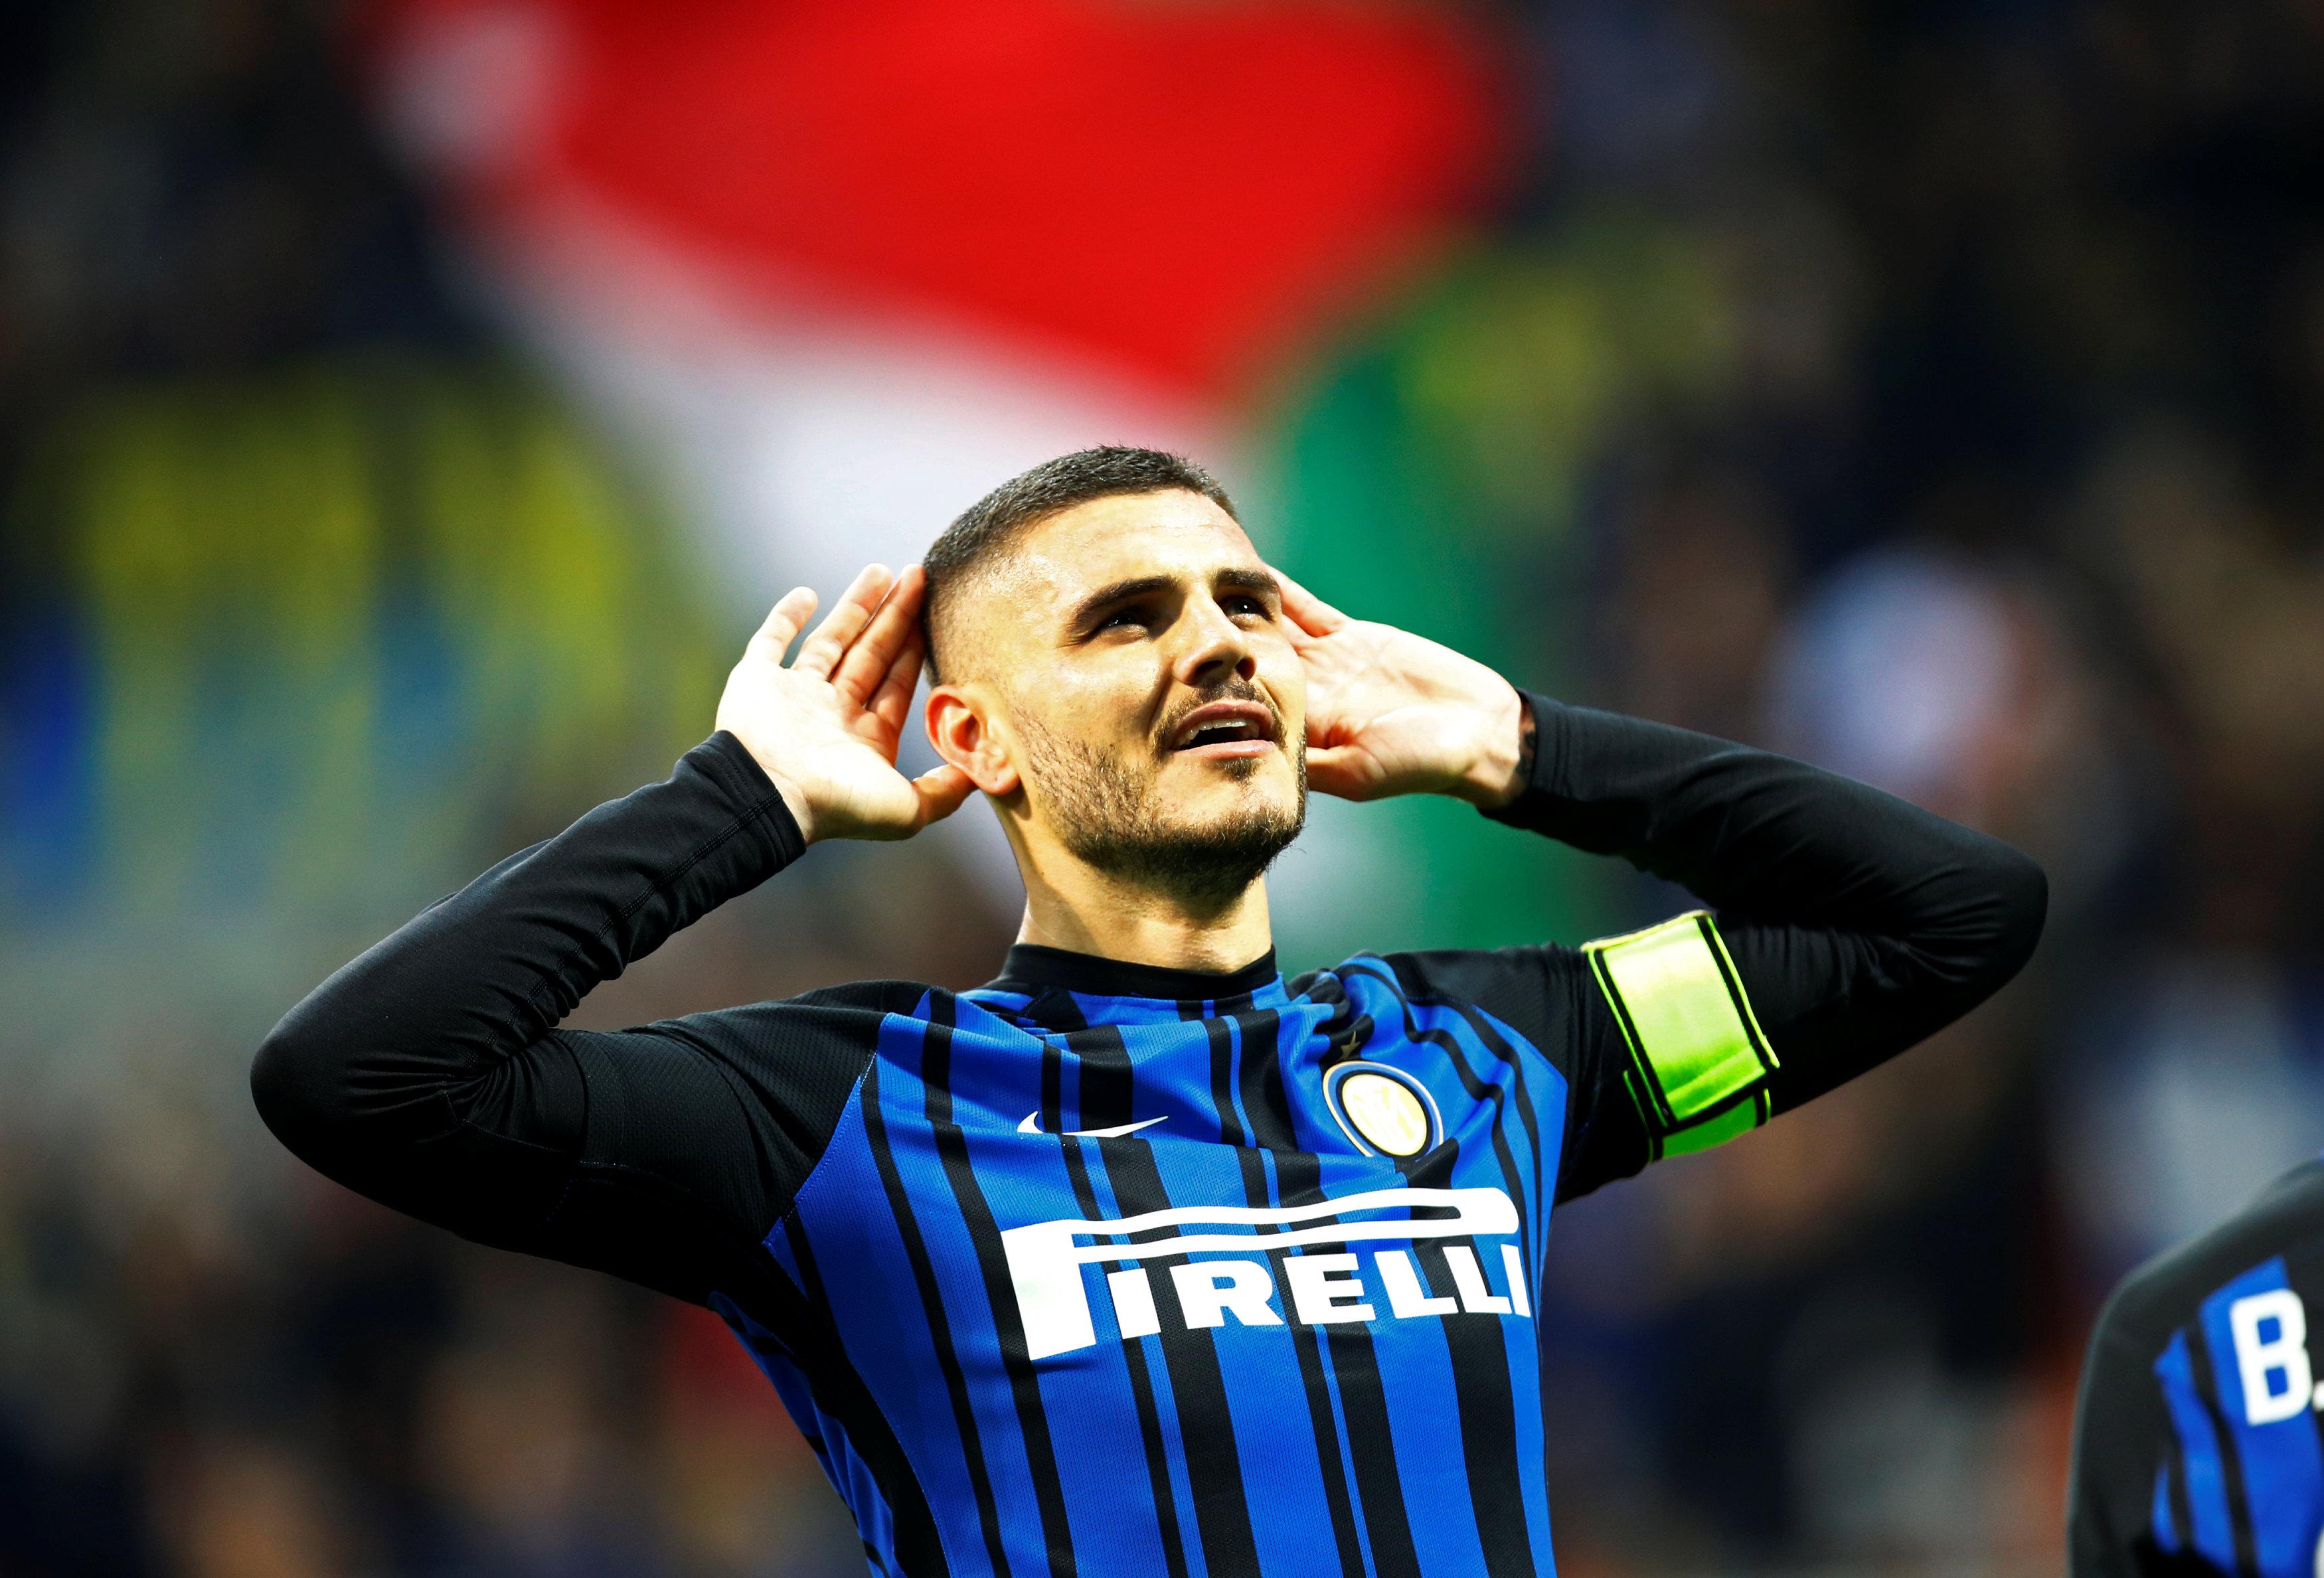 Icardi tỏa sáng với cú đúp bàn thắng vào lưới Sampdoria. Ảnh: REUTERS